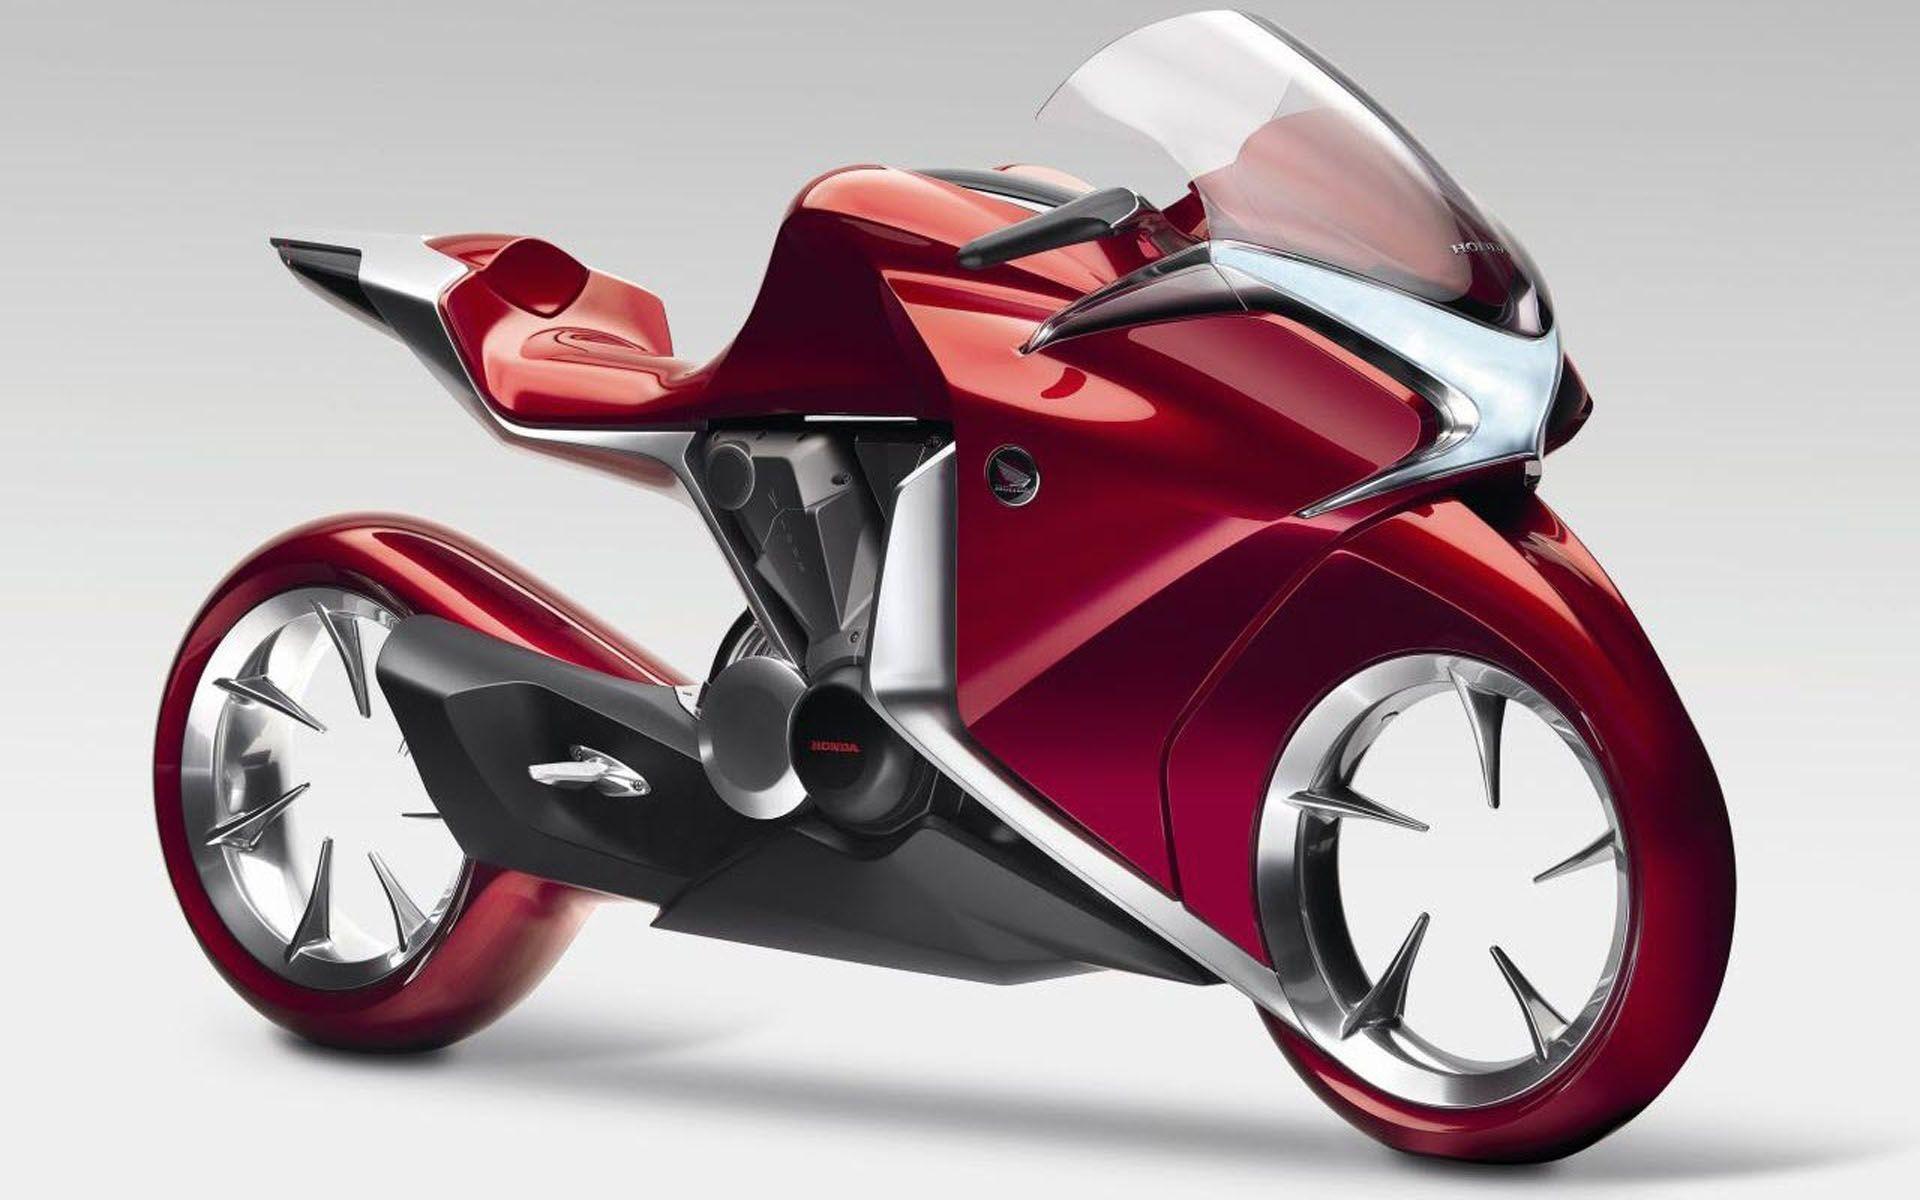 Top 10 Concept Bikes   iClickfun HD Wallpaper